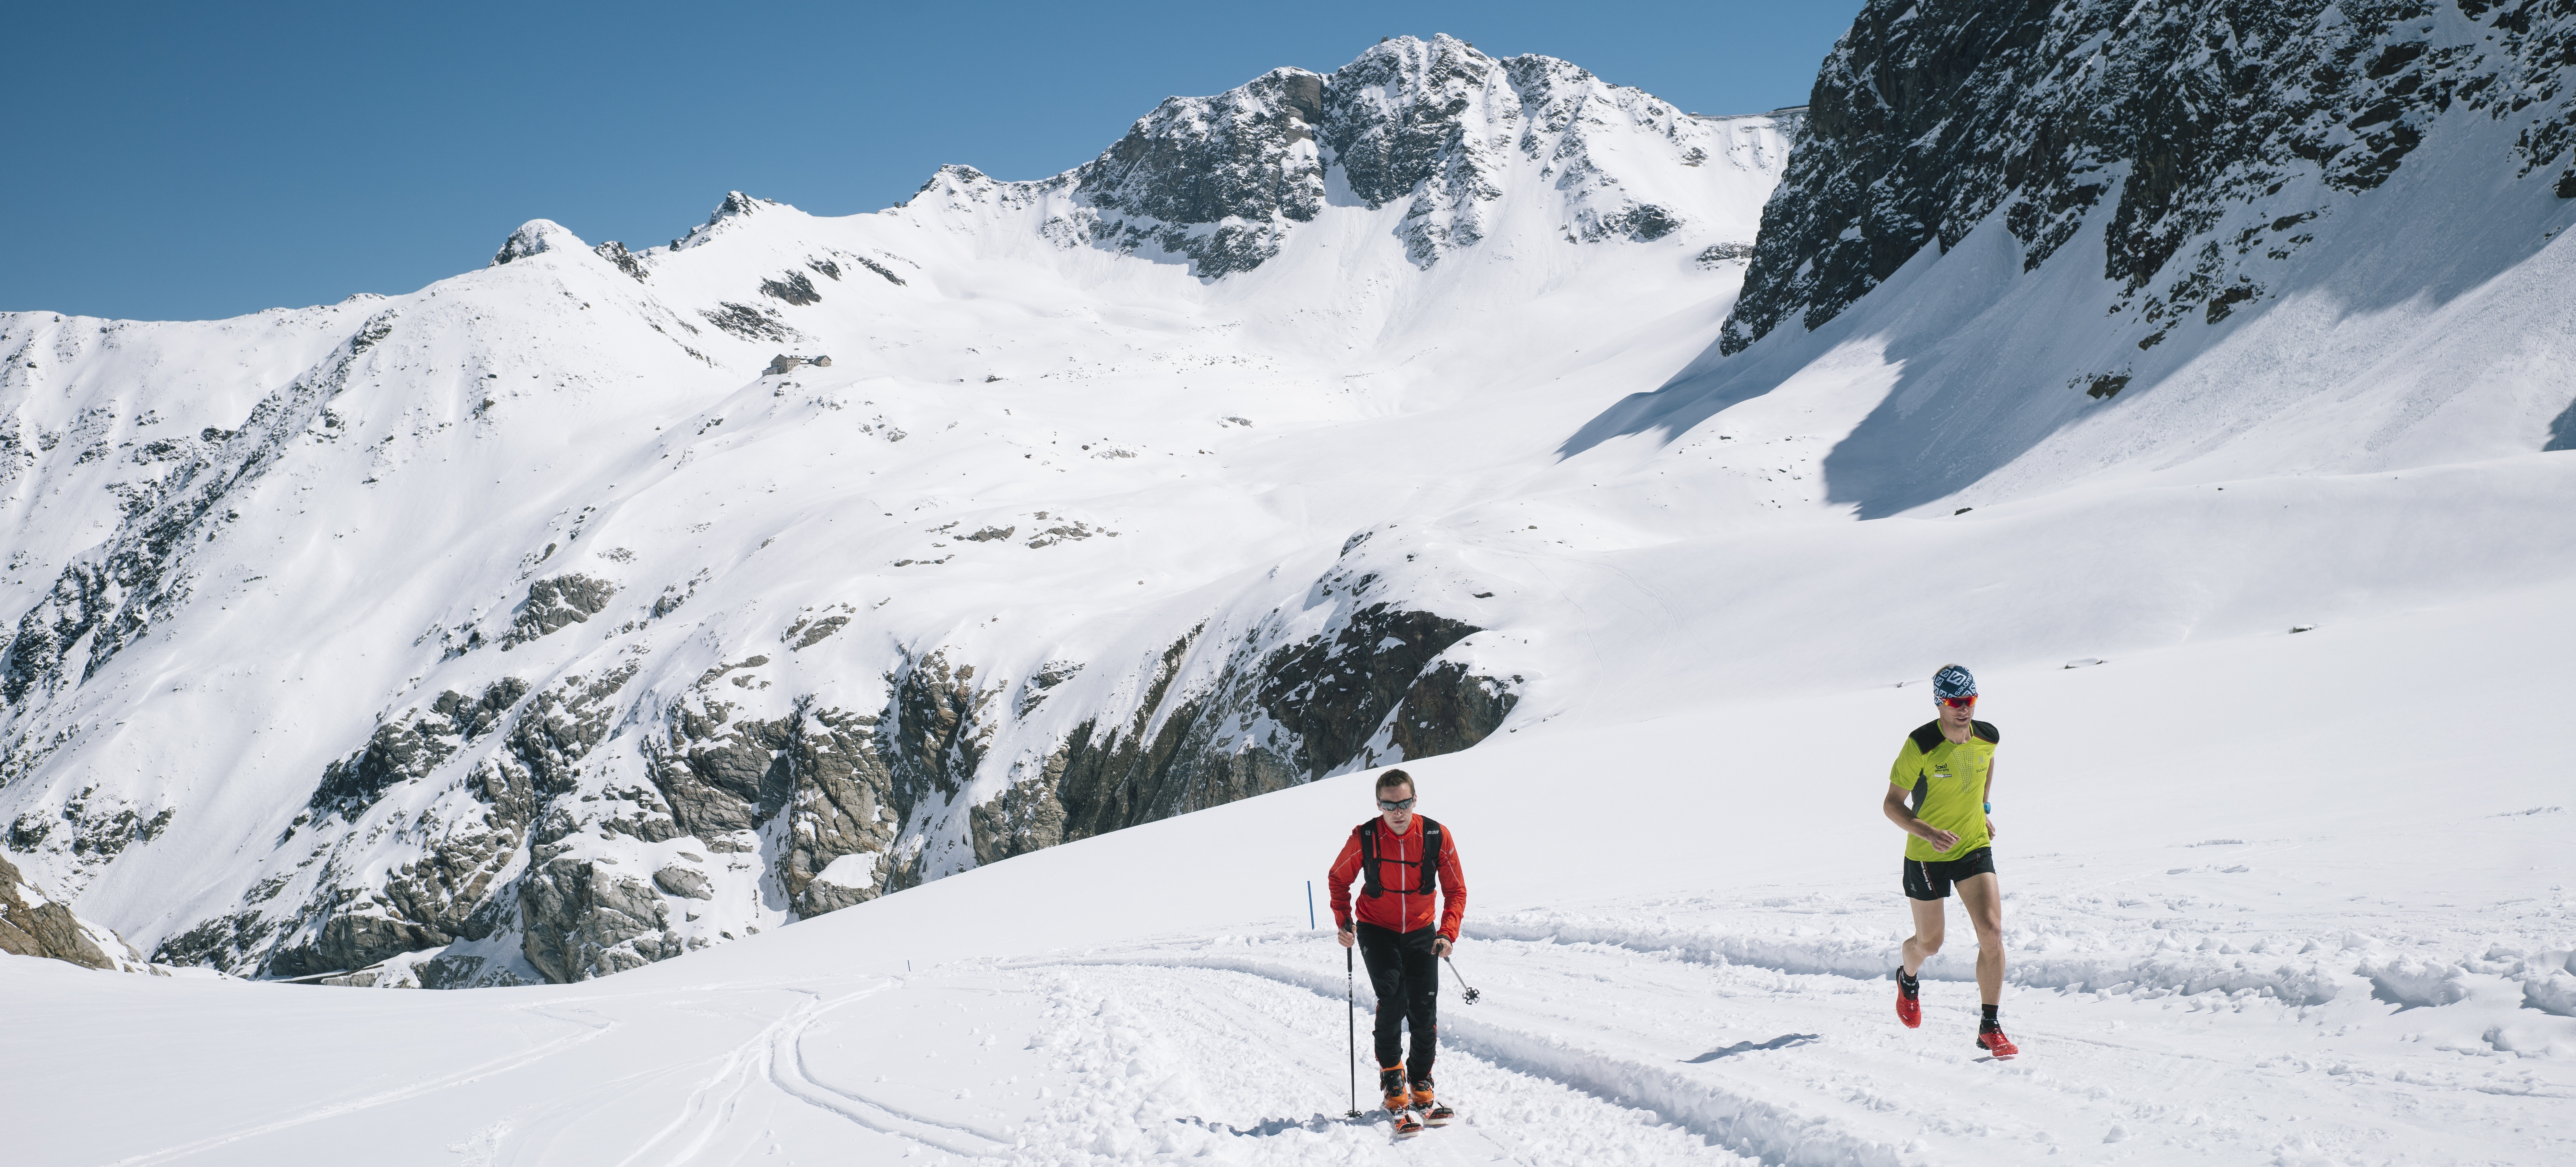 Wir suchen den Pitztaler Gletscherchamp